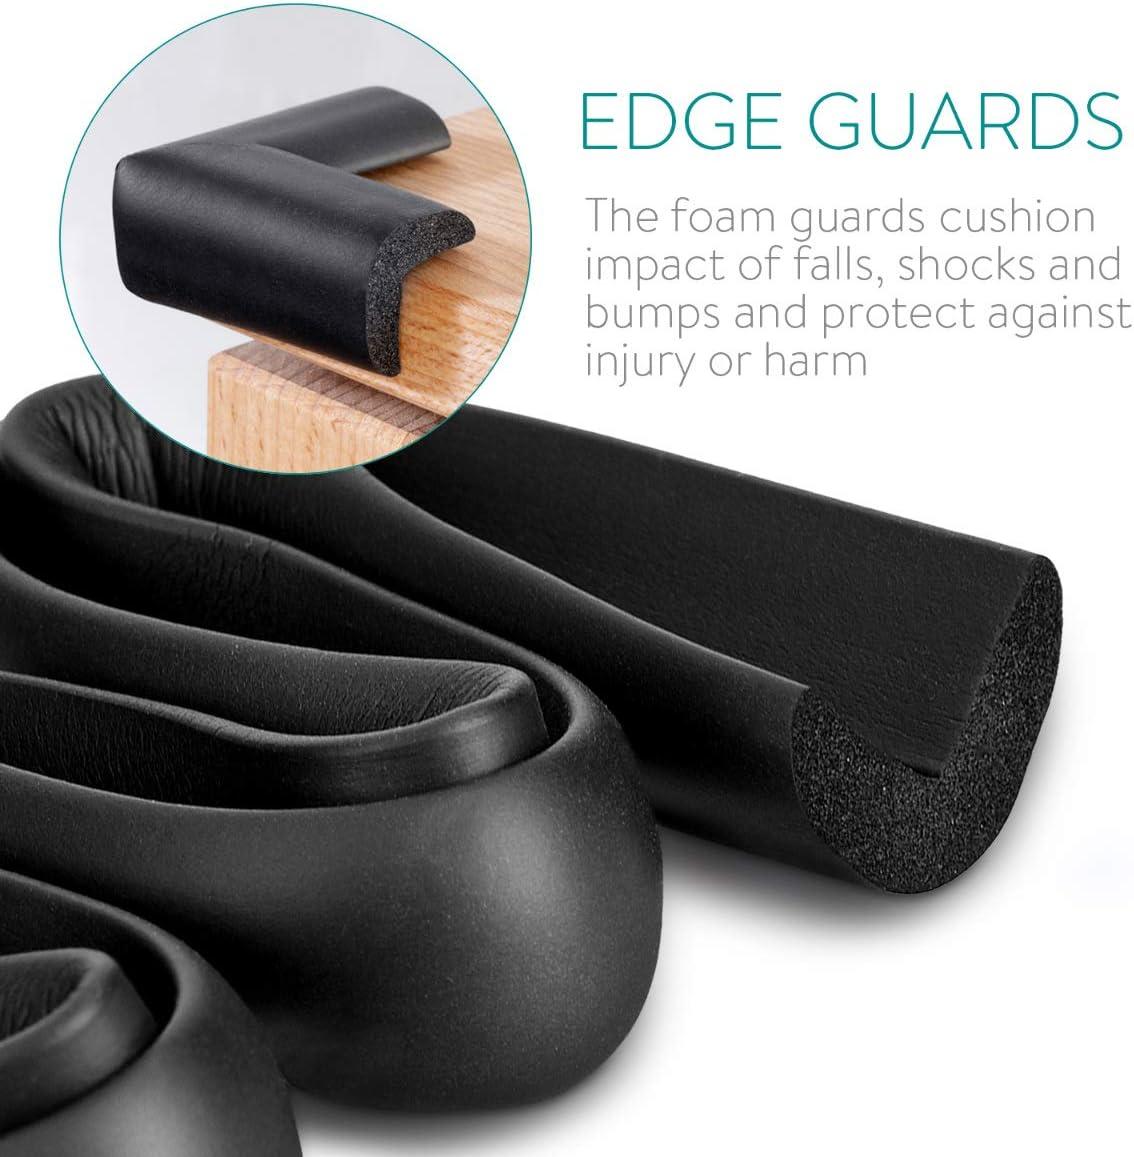 1x Rollo de 6M con 8x topes para esquina Navaris protectores para esquinas y bordes Protector negro Amortiguadores con adhesivo doble cara